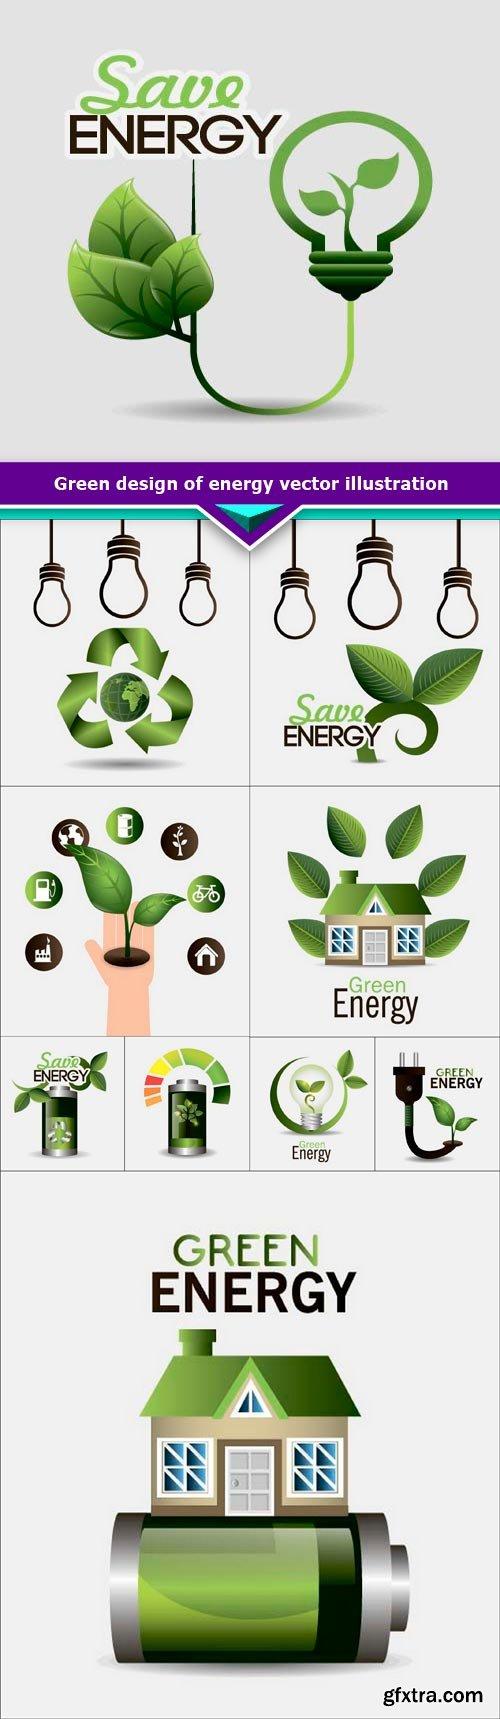 Green design of energy vector illustration 10x EPS